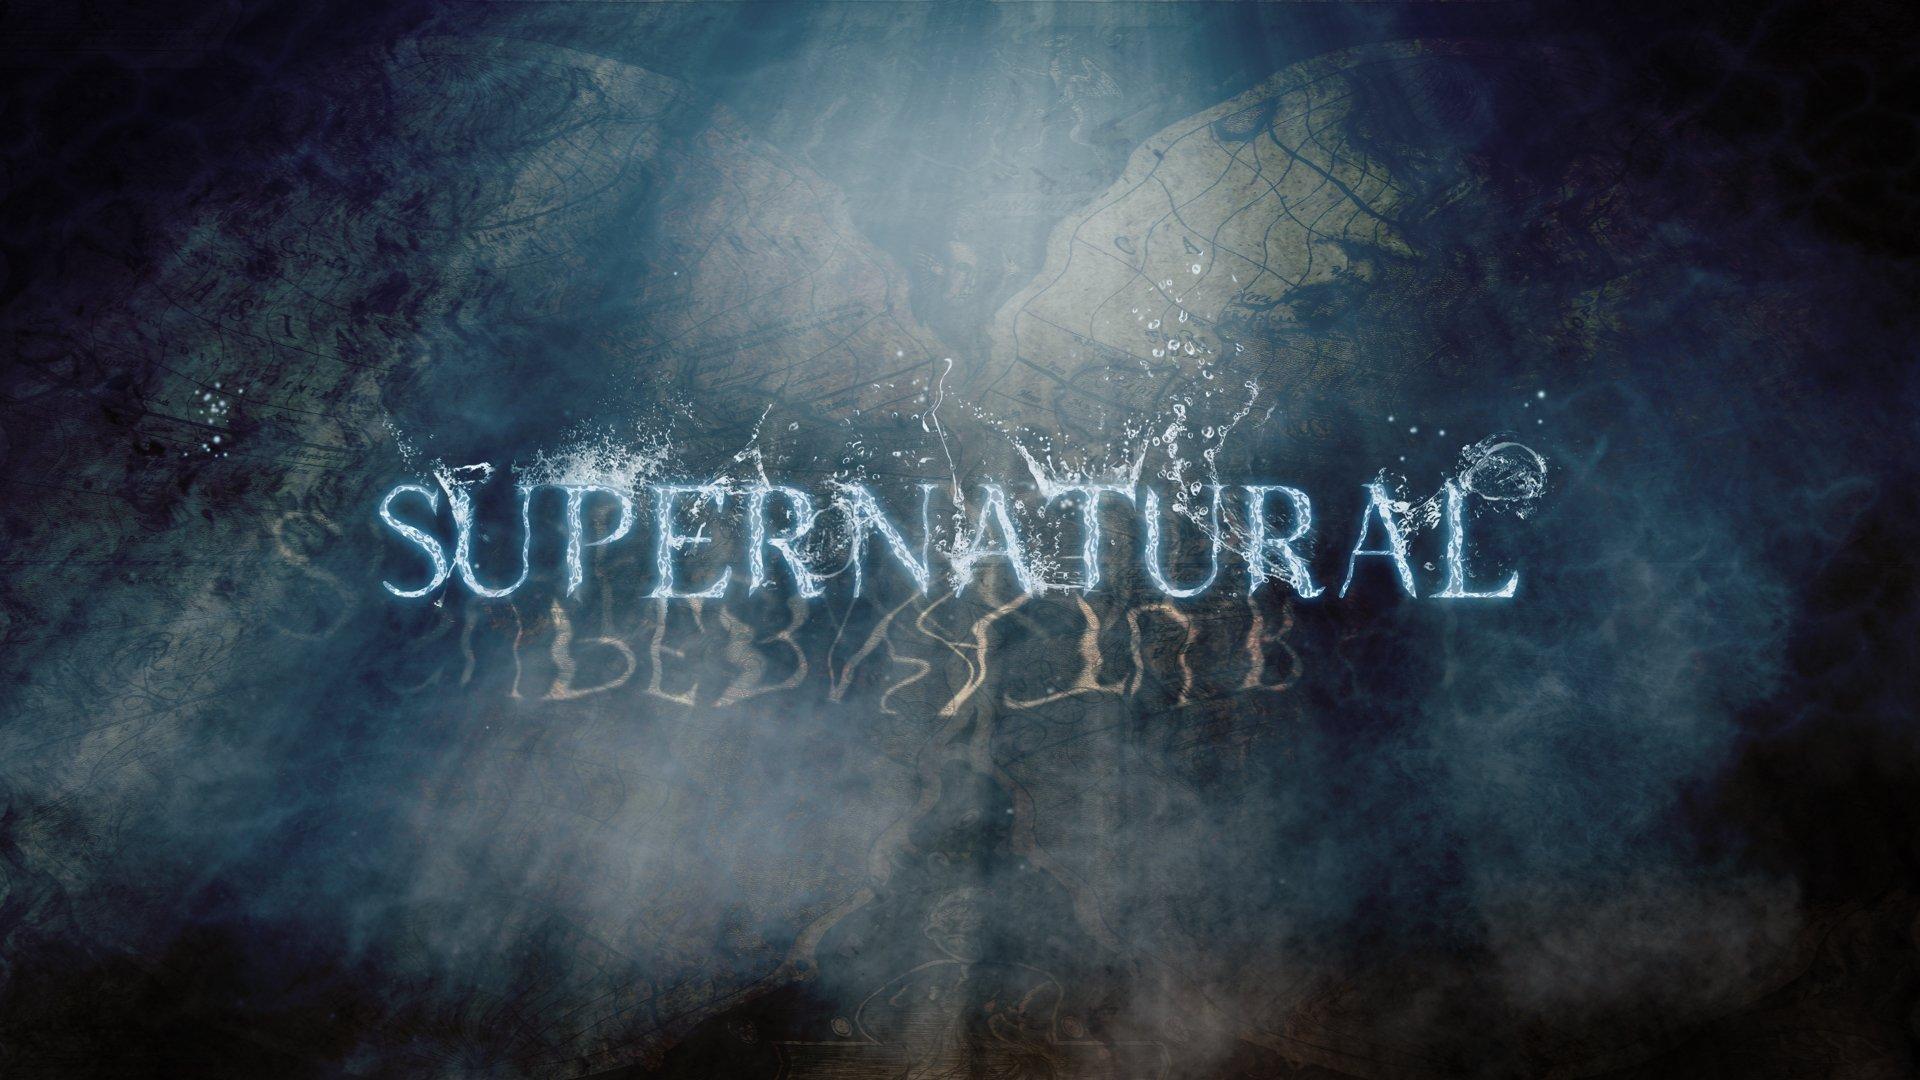 46 Supernatural Wallpaper Desktop On Wallpapersafari